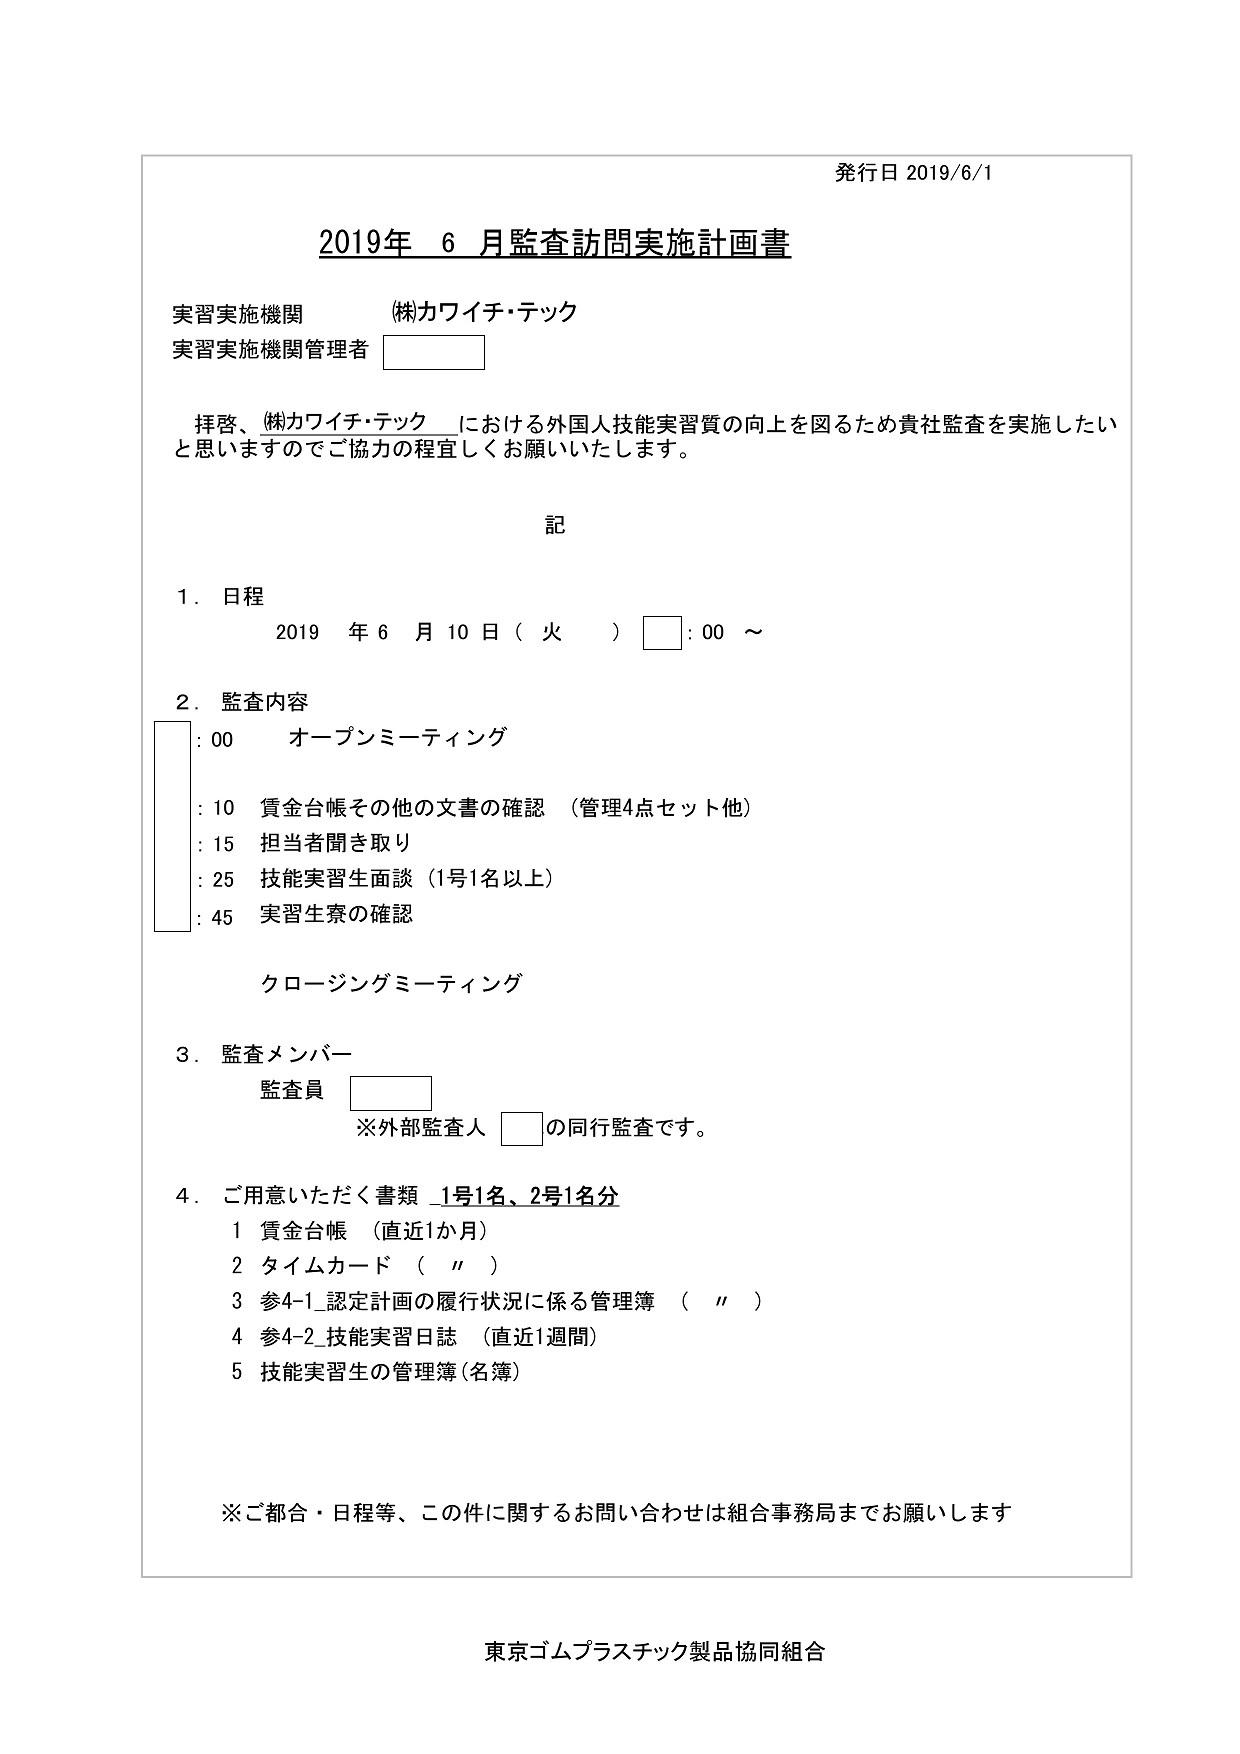 2019-06監査通知書_KT